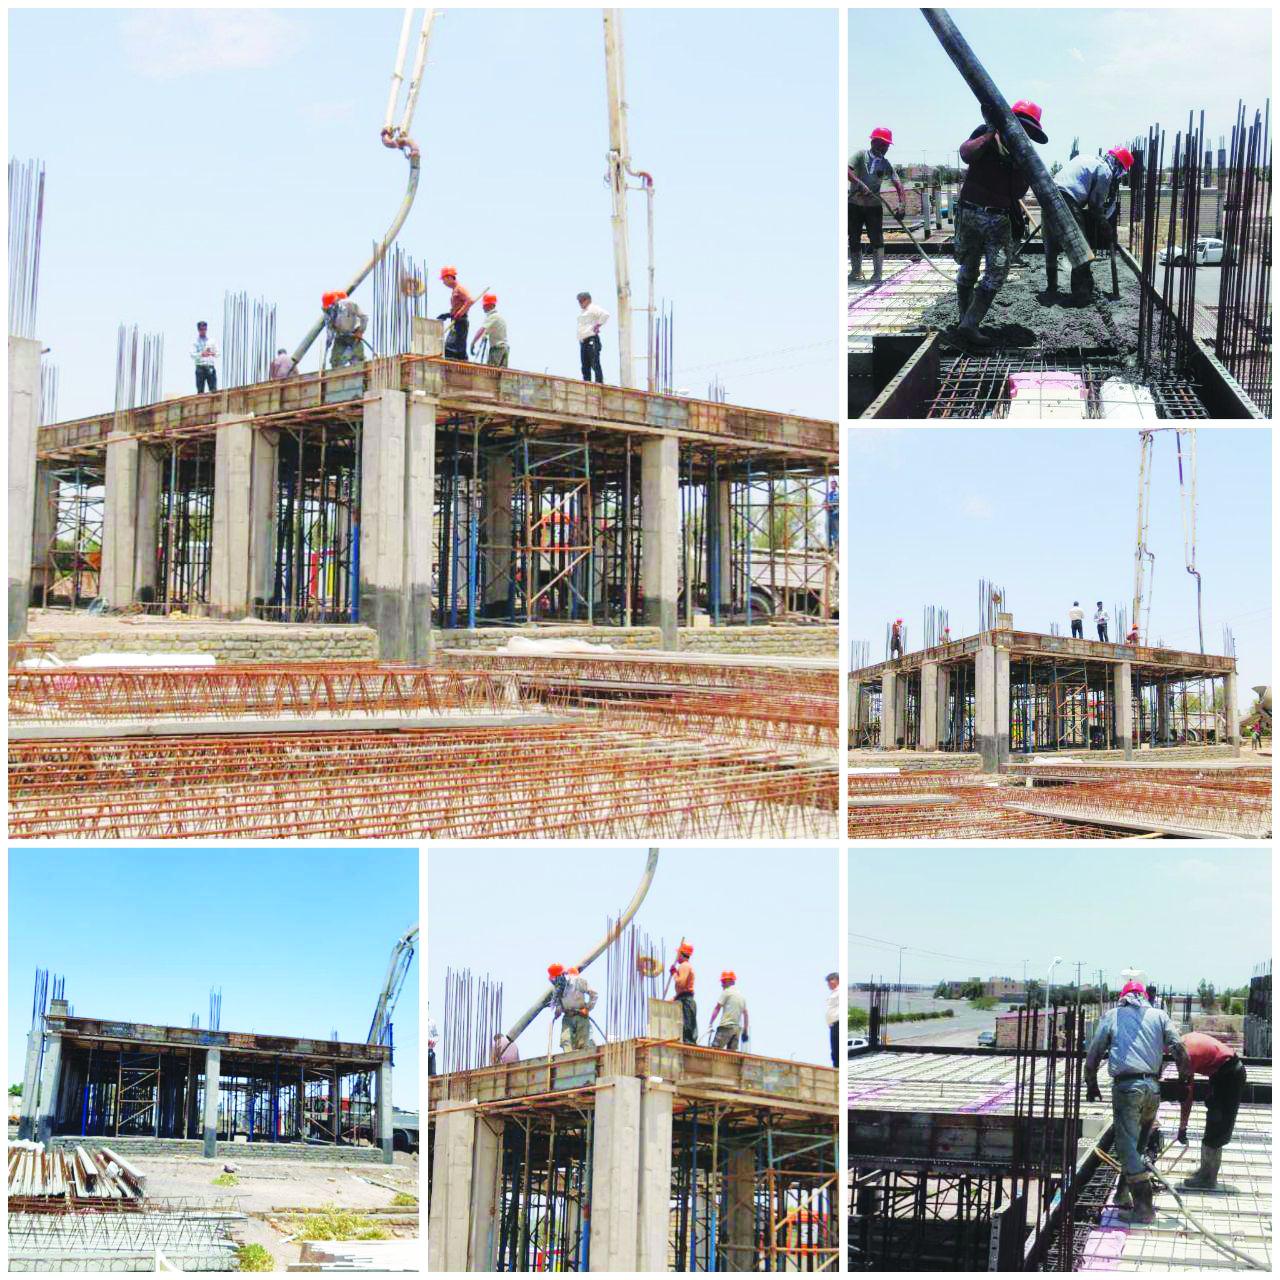 ادامه عملیات ساخت پروژه های انبوه سازان مسکن و ساختمان بهار در سال ۱۳۹۹